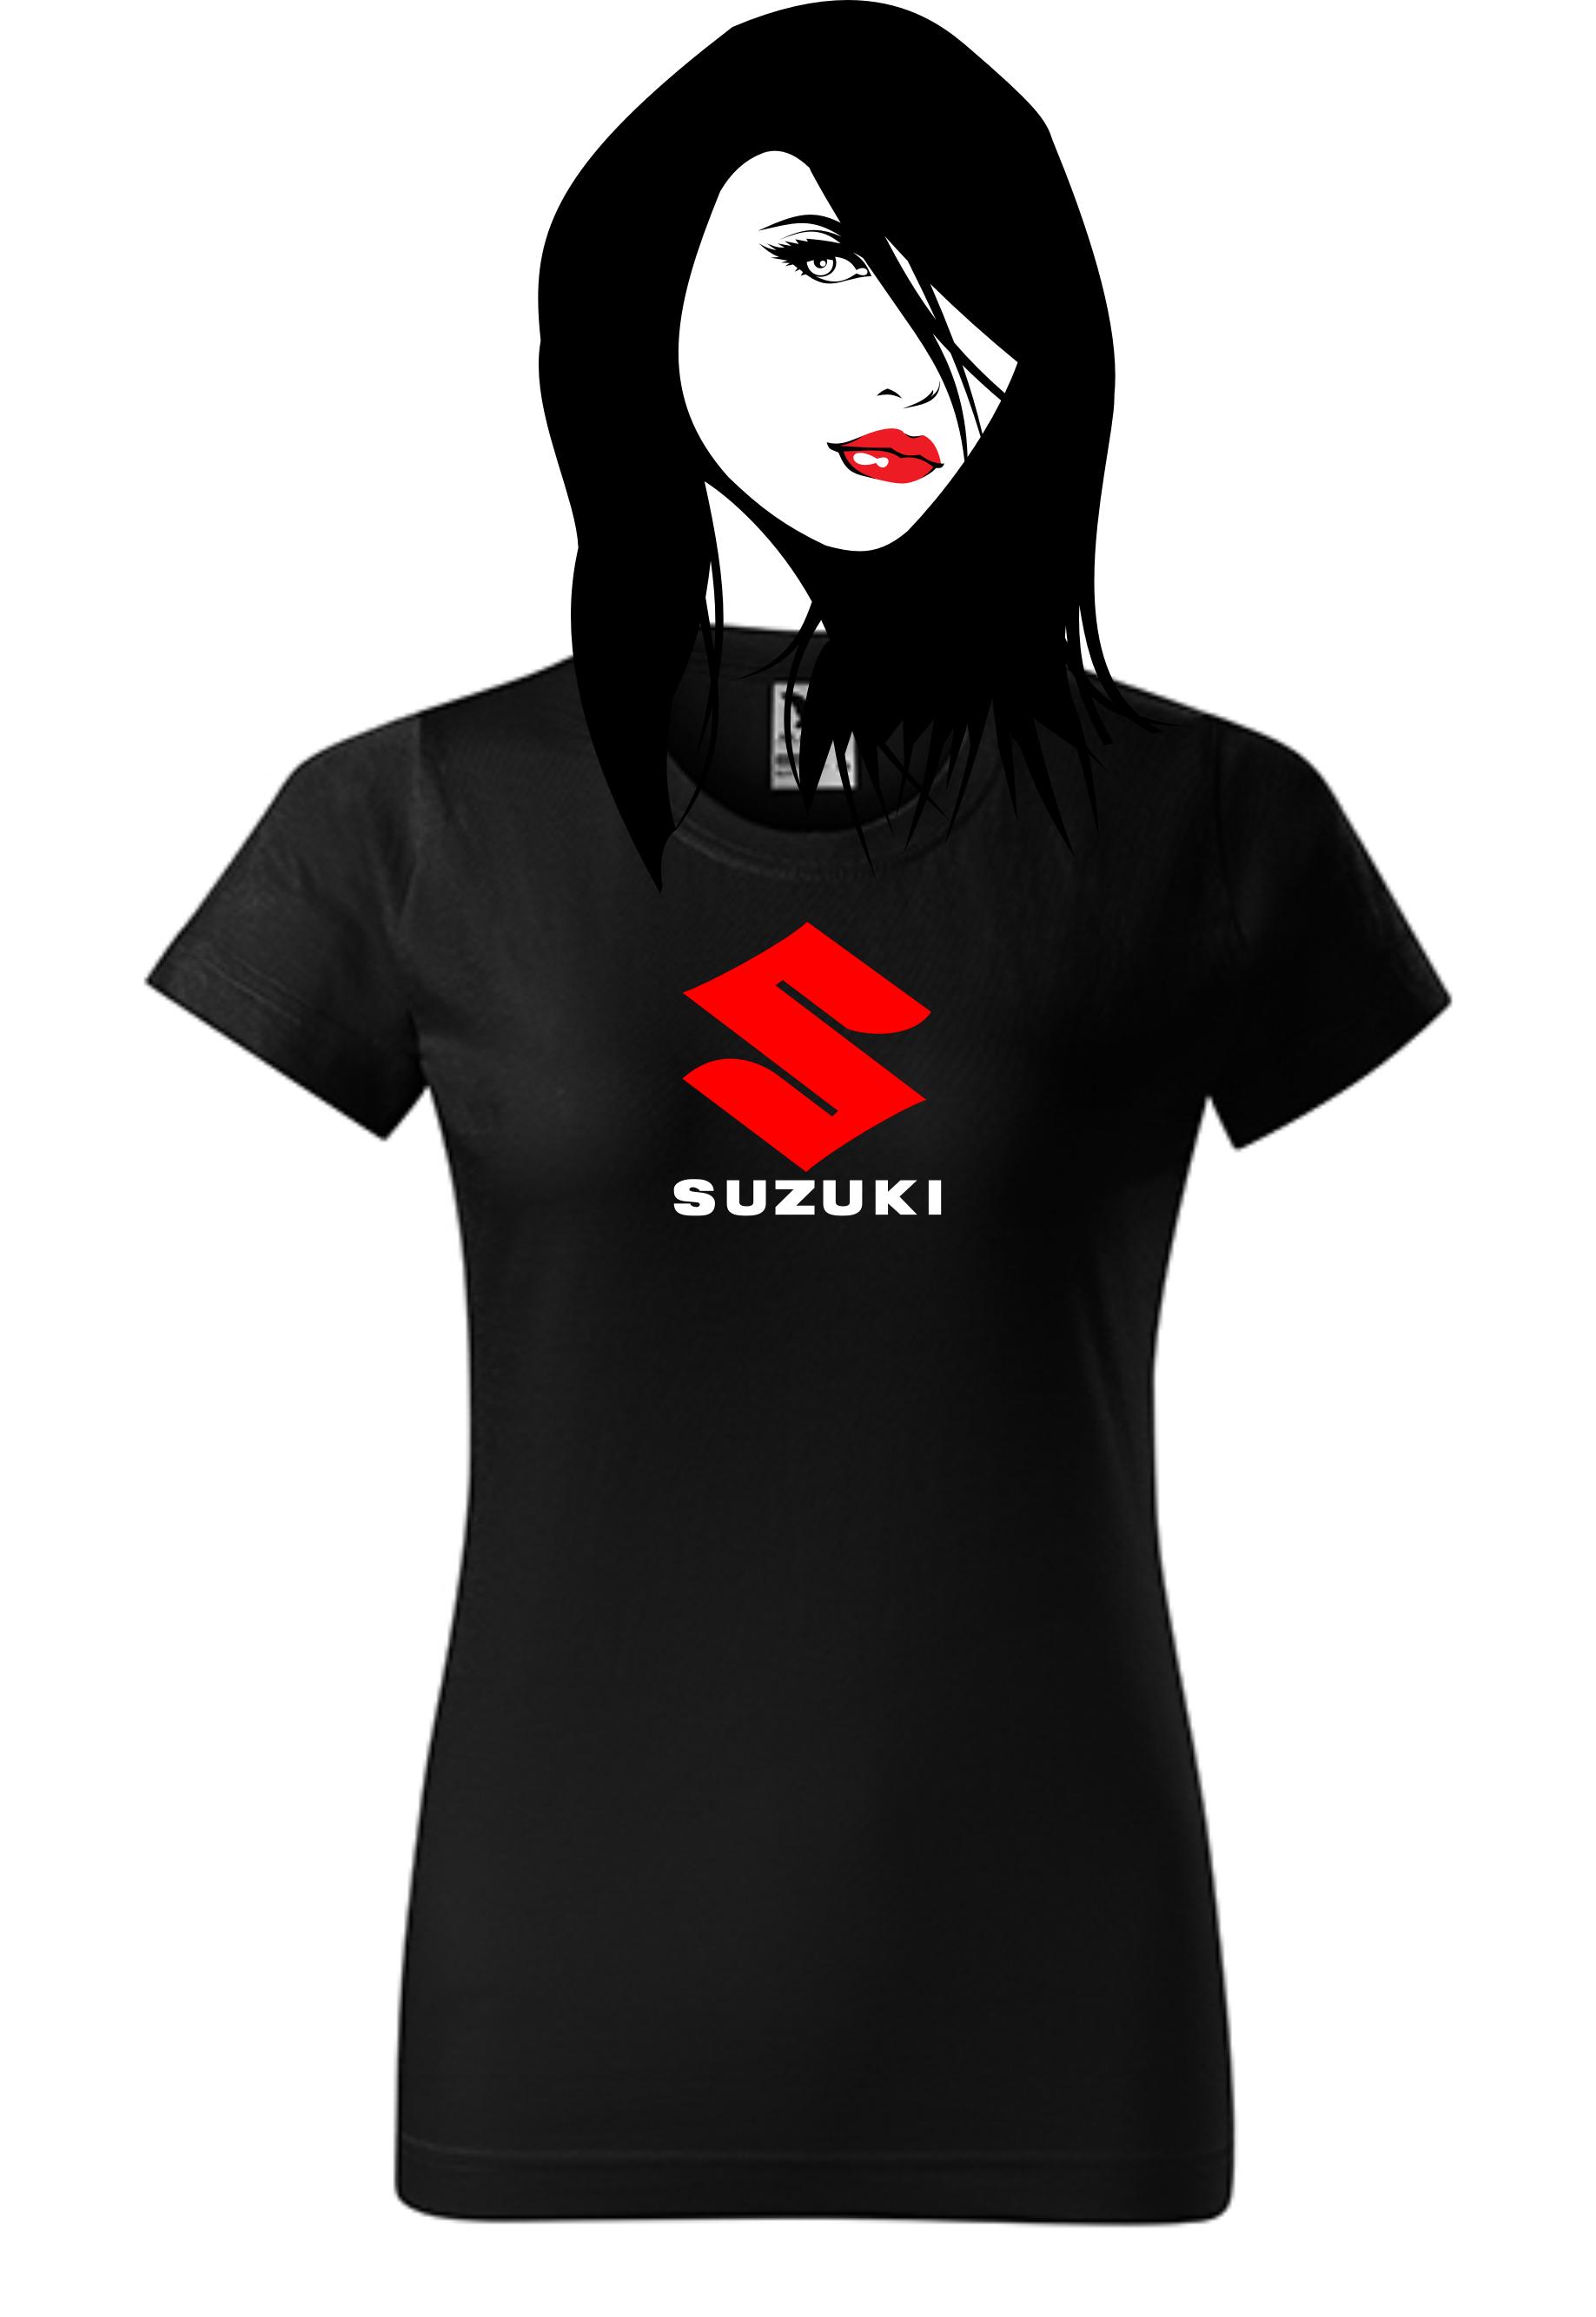 96c92d6eee2 Dámské tričko s potiskem Suzuki 1